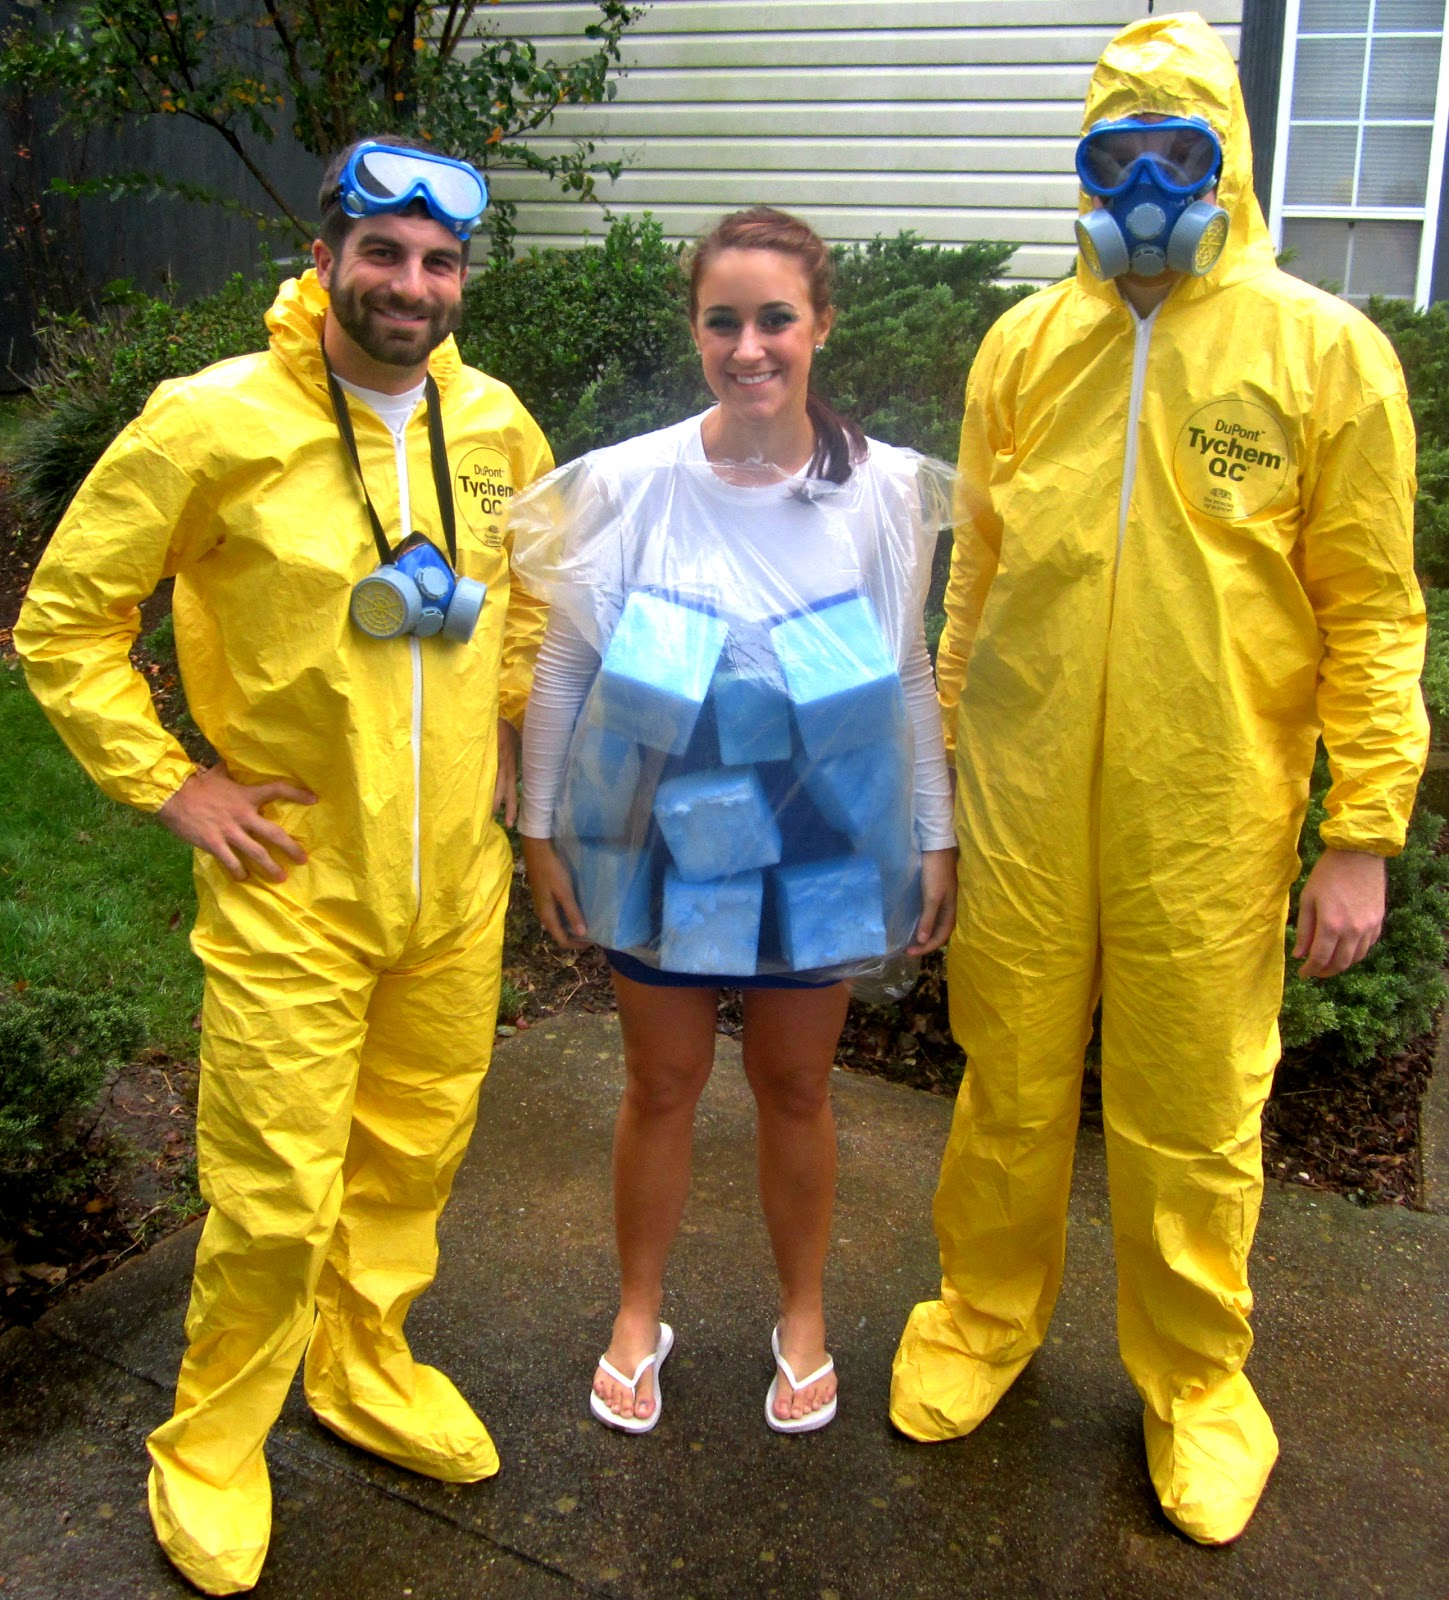 Disfraz de Breaking Bad | TV & Movie Character Costumes ...